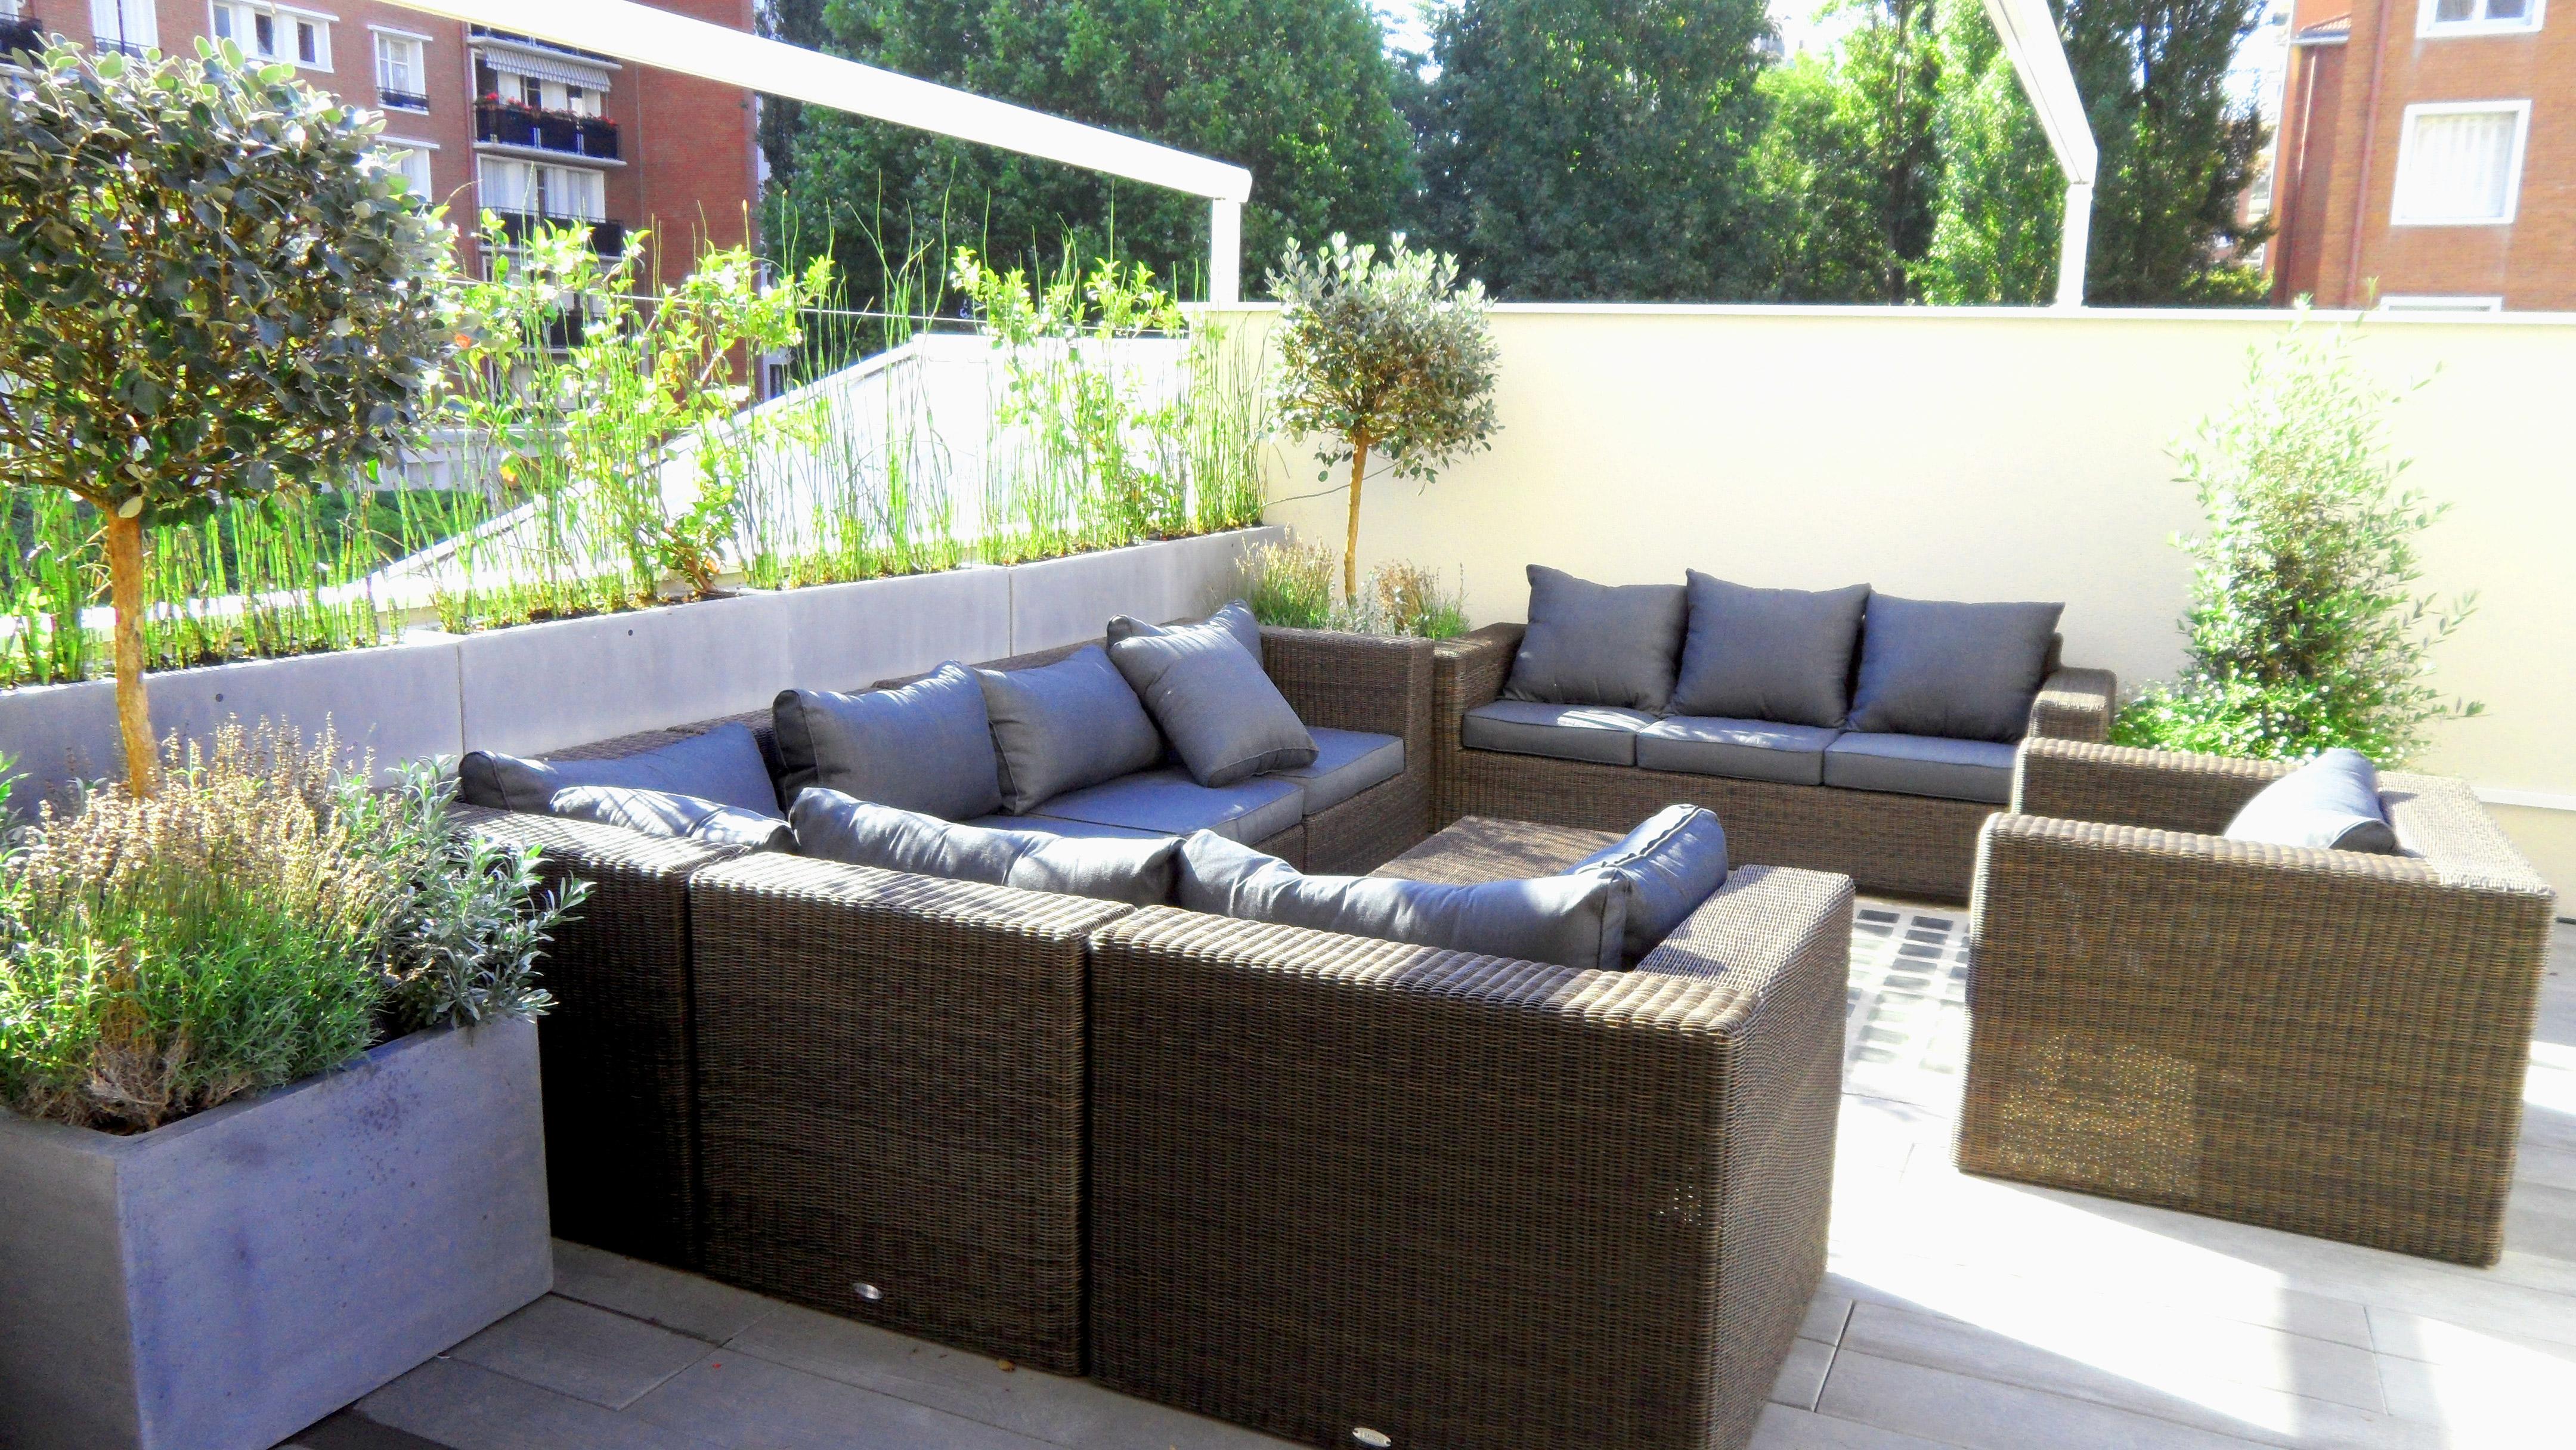 Terrasse et balcon paysagiste paris 75 apex paysage - Mobilier jardin amazon boulogne billancourt ...